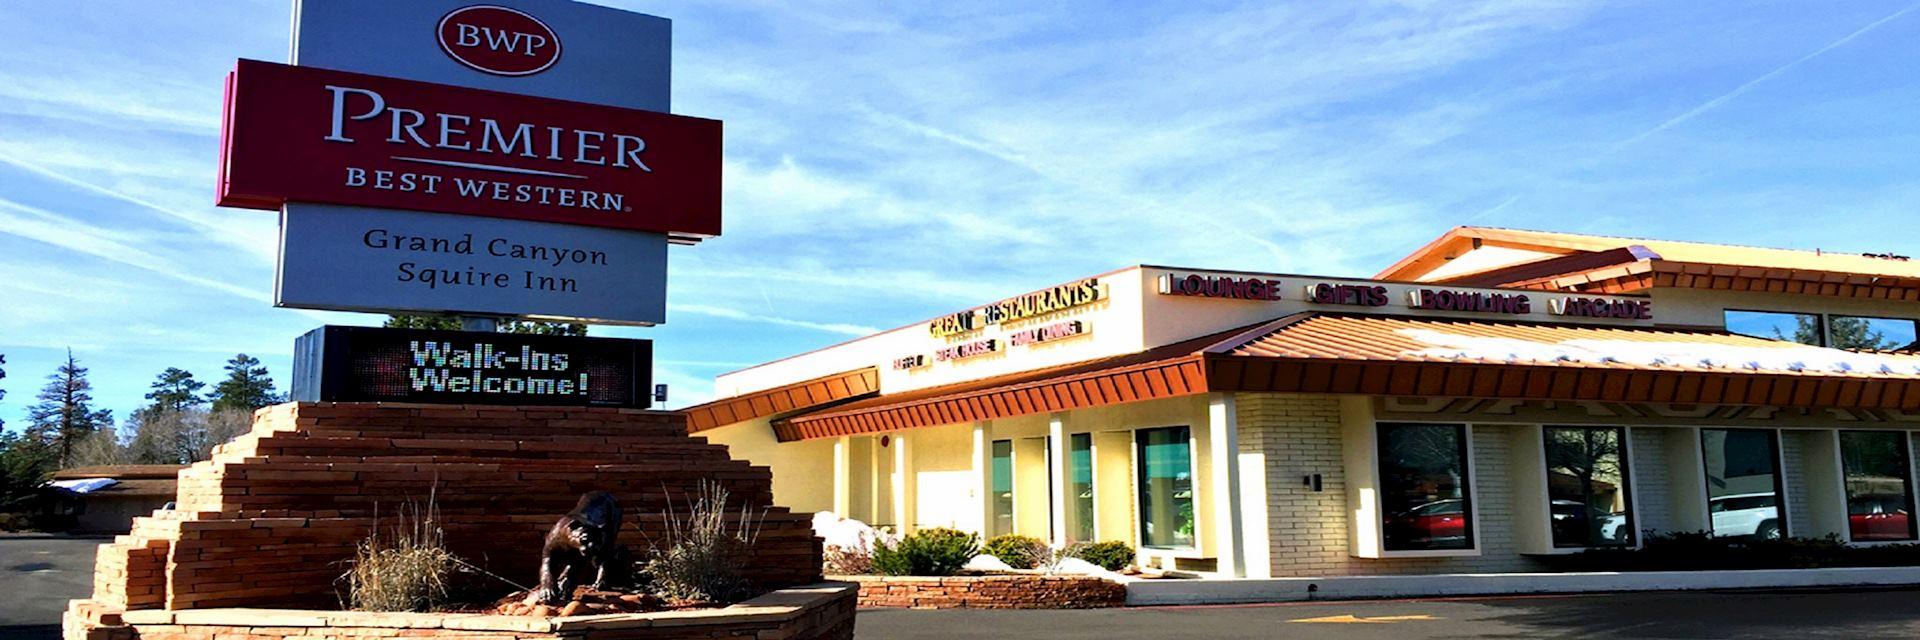 Best Western Premier Squire Inn